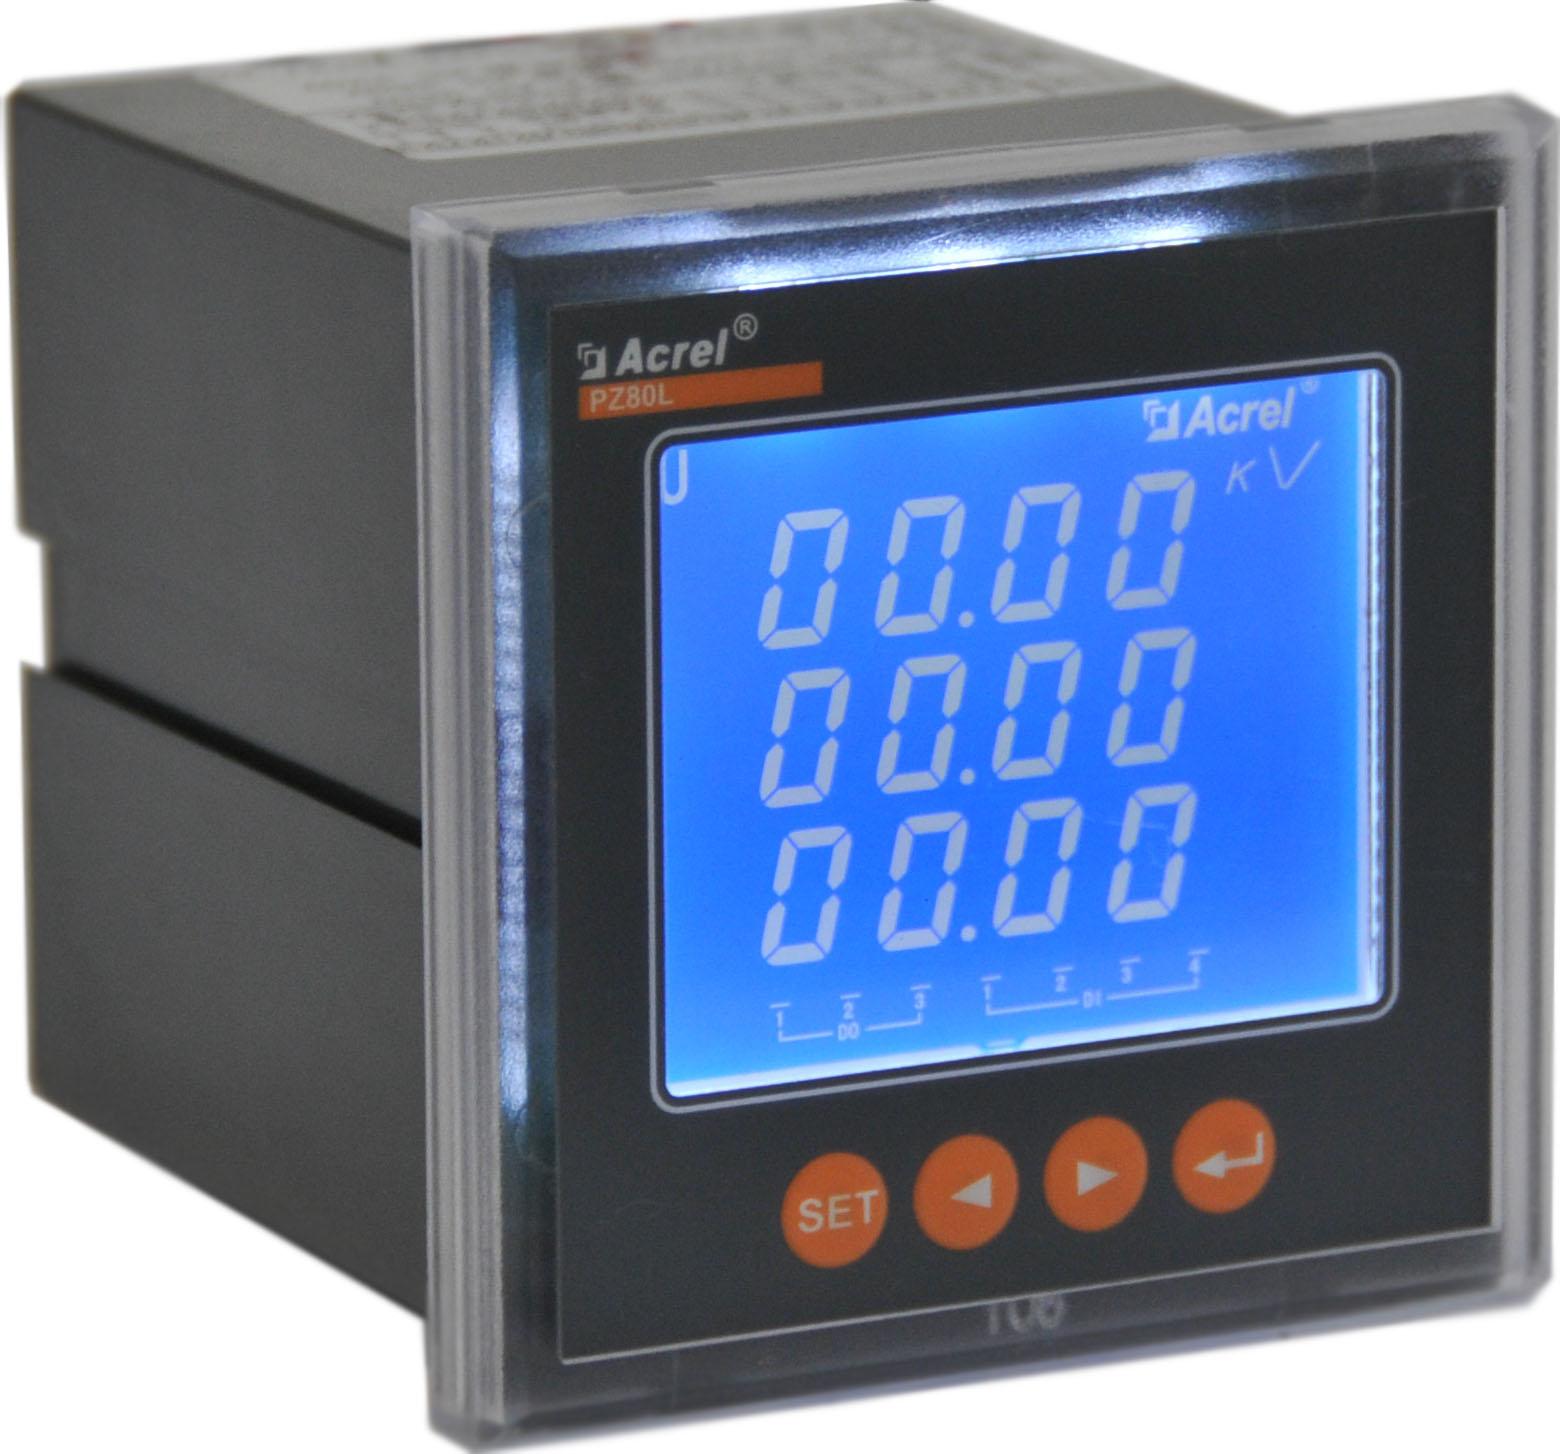 安科瑞 厂家直销 PZ72L-E4/HKCJ 声光报警 电能表 RS485通讯 包邮